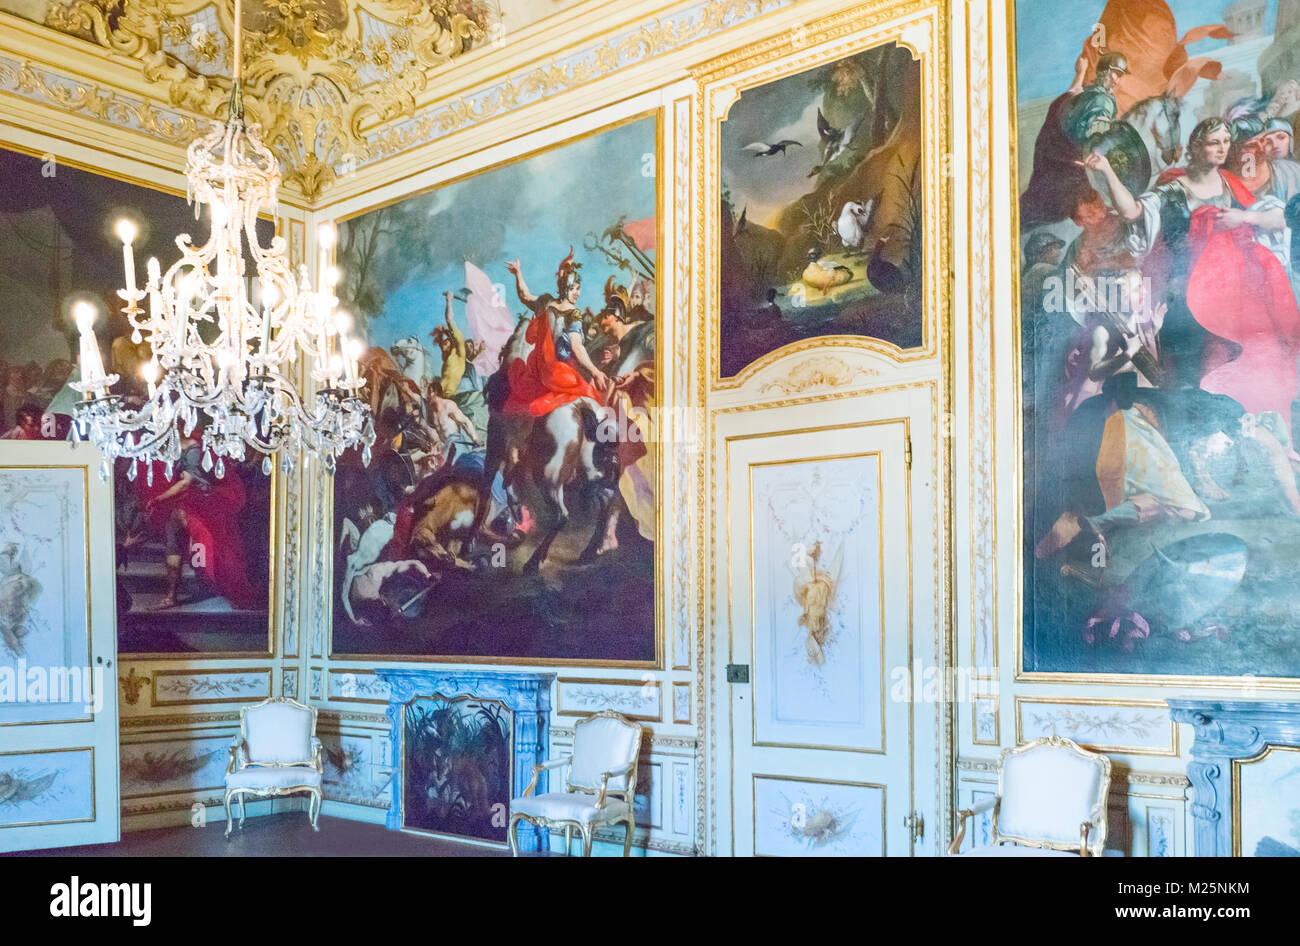 Italy, Piedmont, Nichelino, The Chiablese Dukes apartments of Palazzina di caccia di Stupinigi - Stock Image